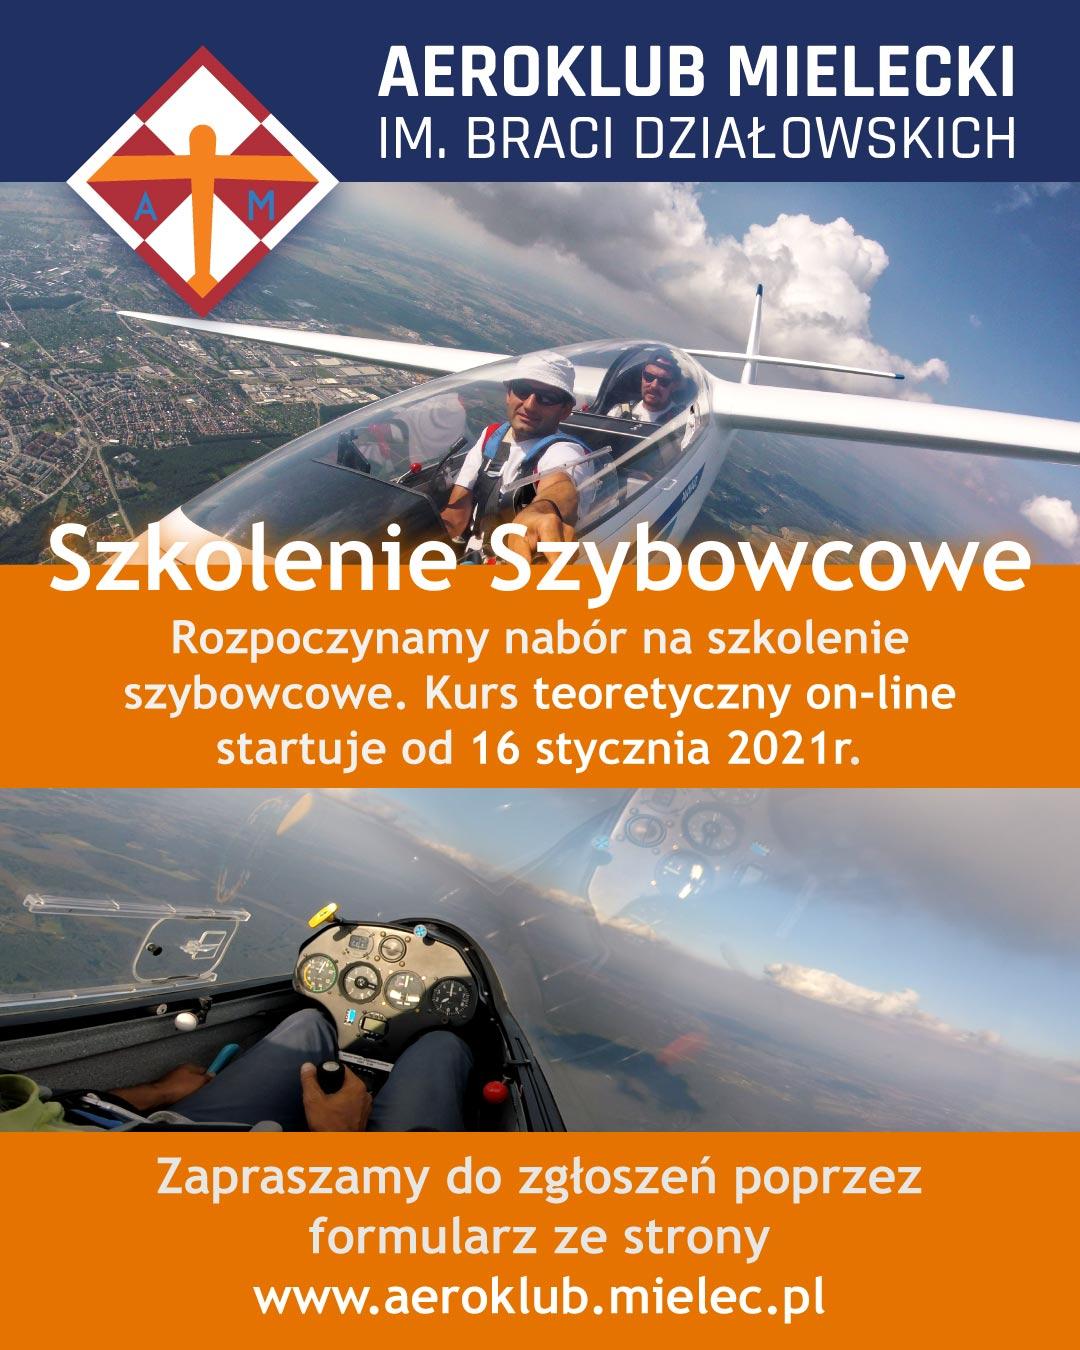 szkolenie szybowcowe podstawowe latanie pasja adrenalina sport